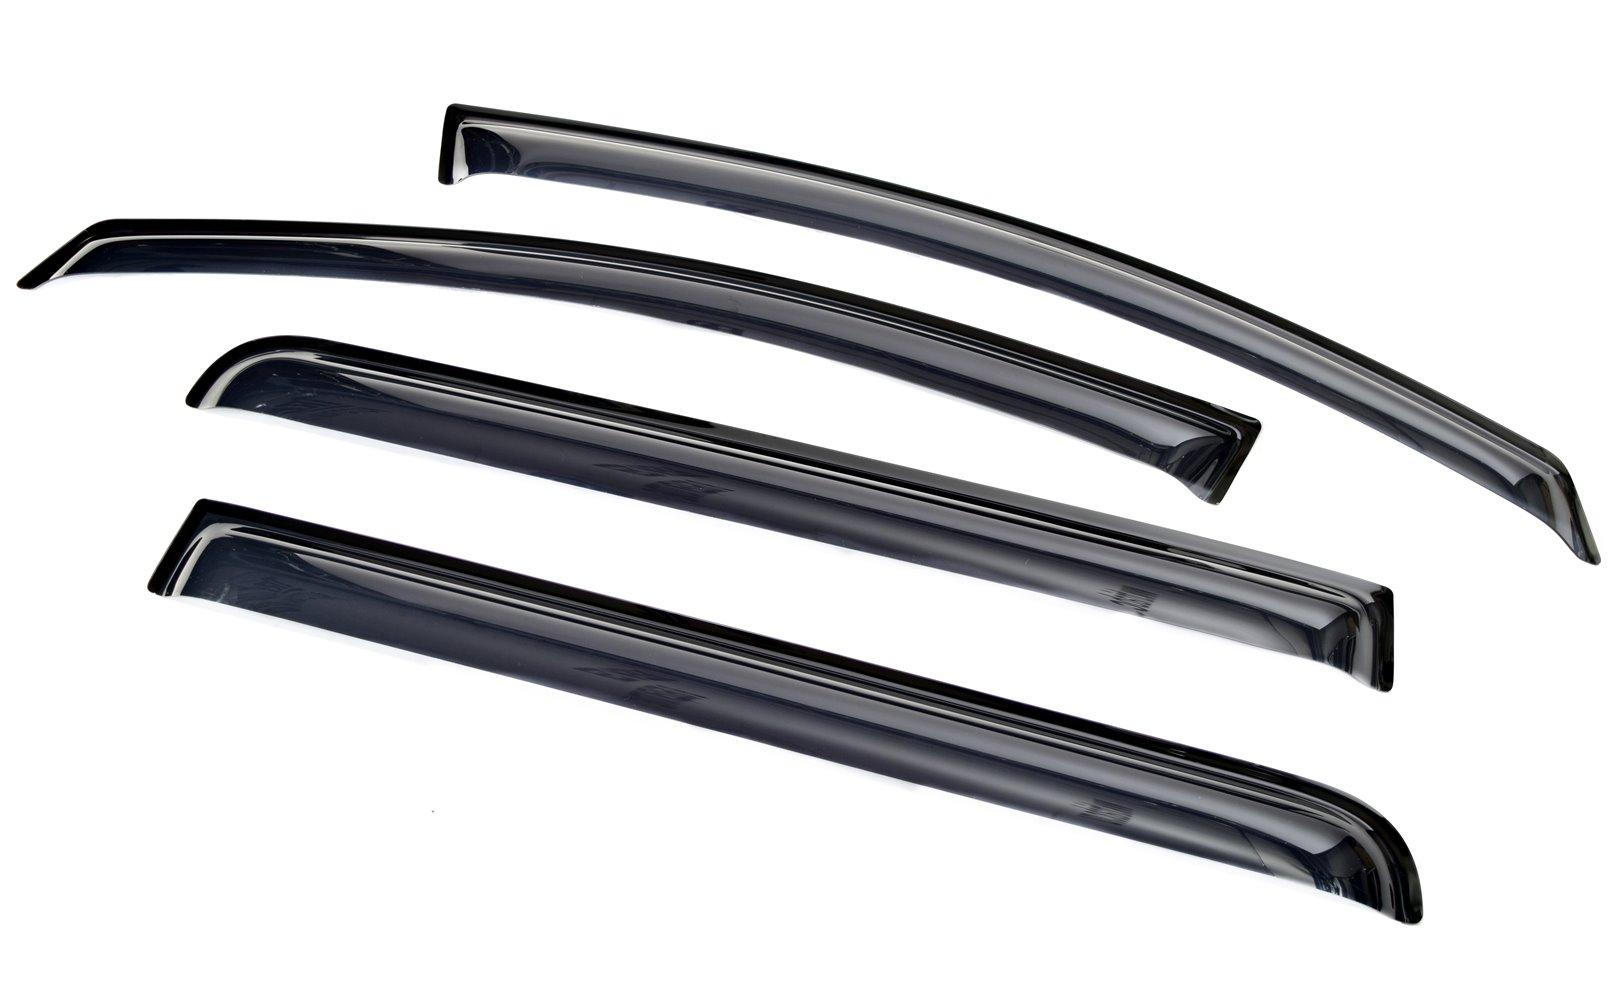 Ветровик SIM Дефлекторы боковых окон Opel Zafira B (2006-2012)(4части )(темные)